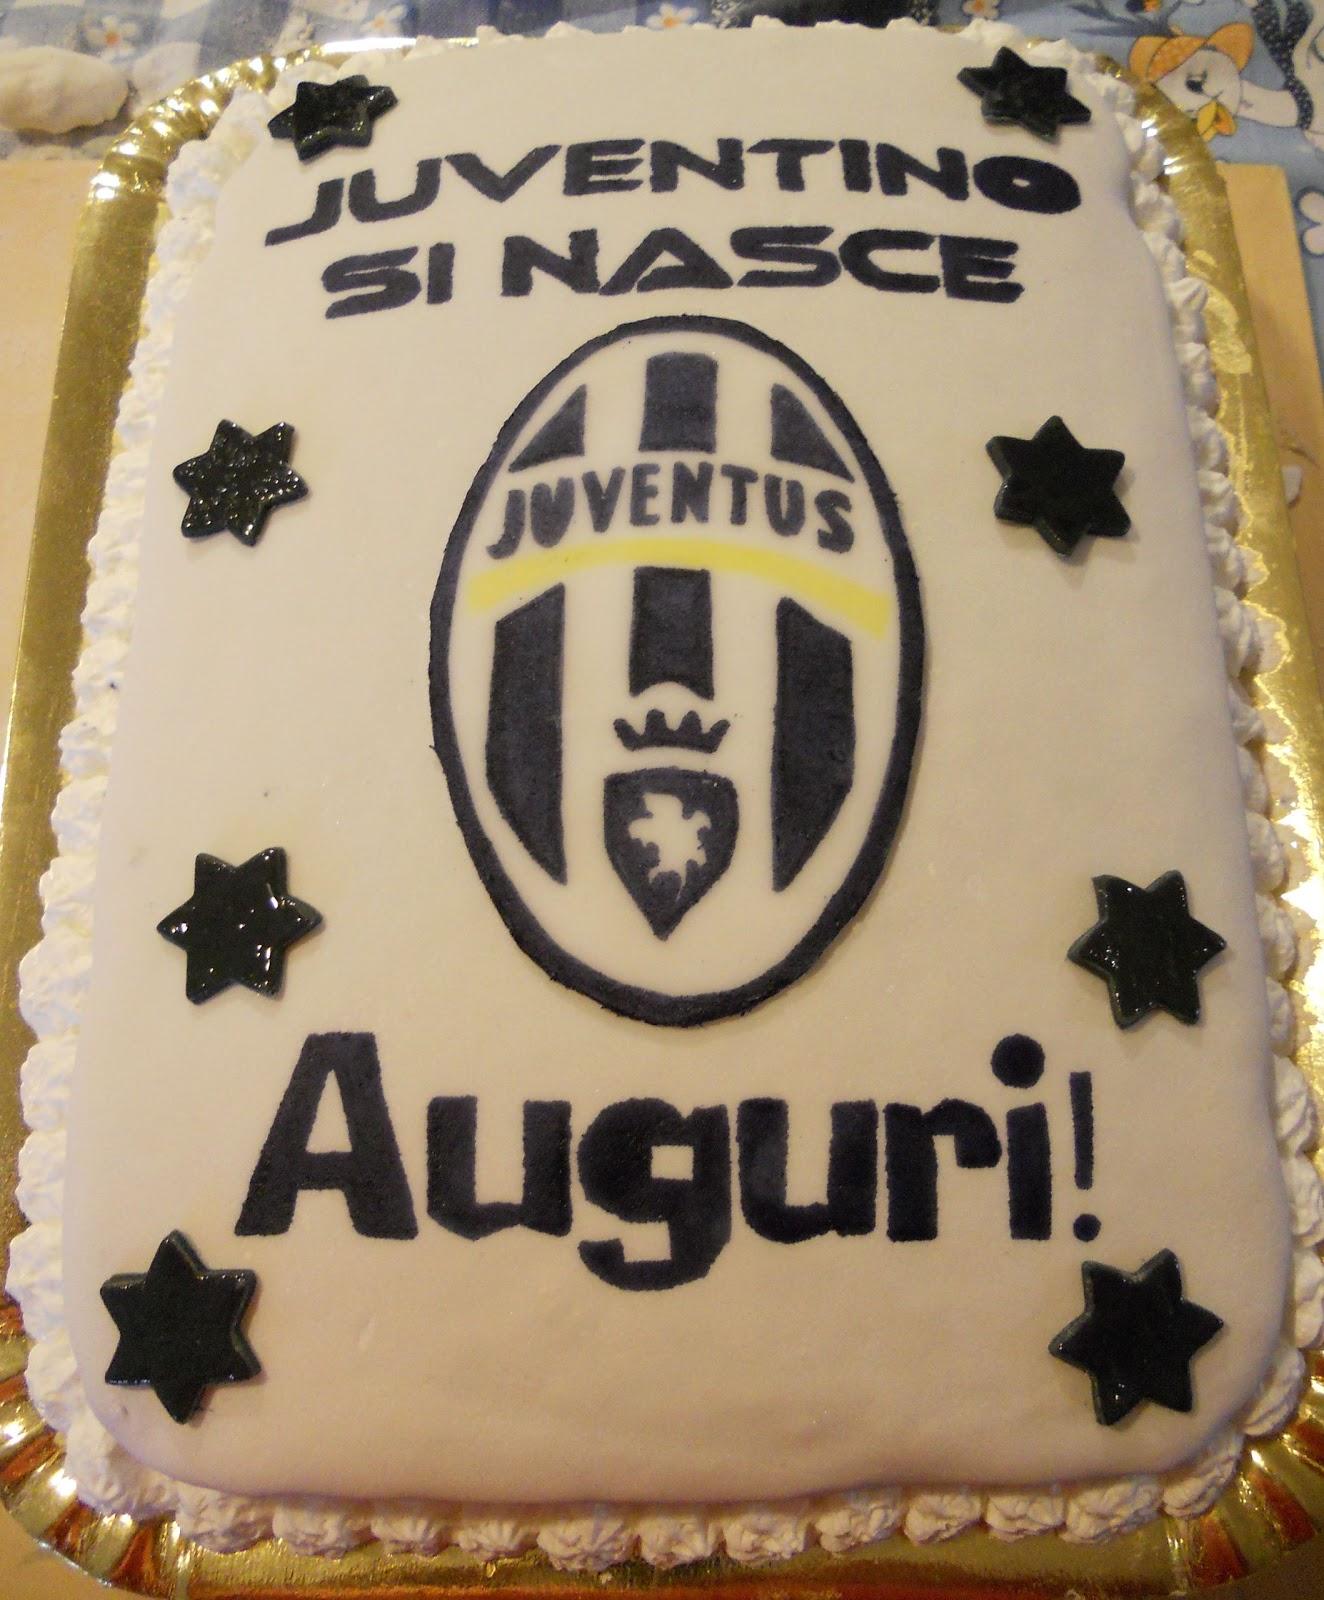 Foto Torte Compleanno Juventus – Idea di immagine del torta